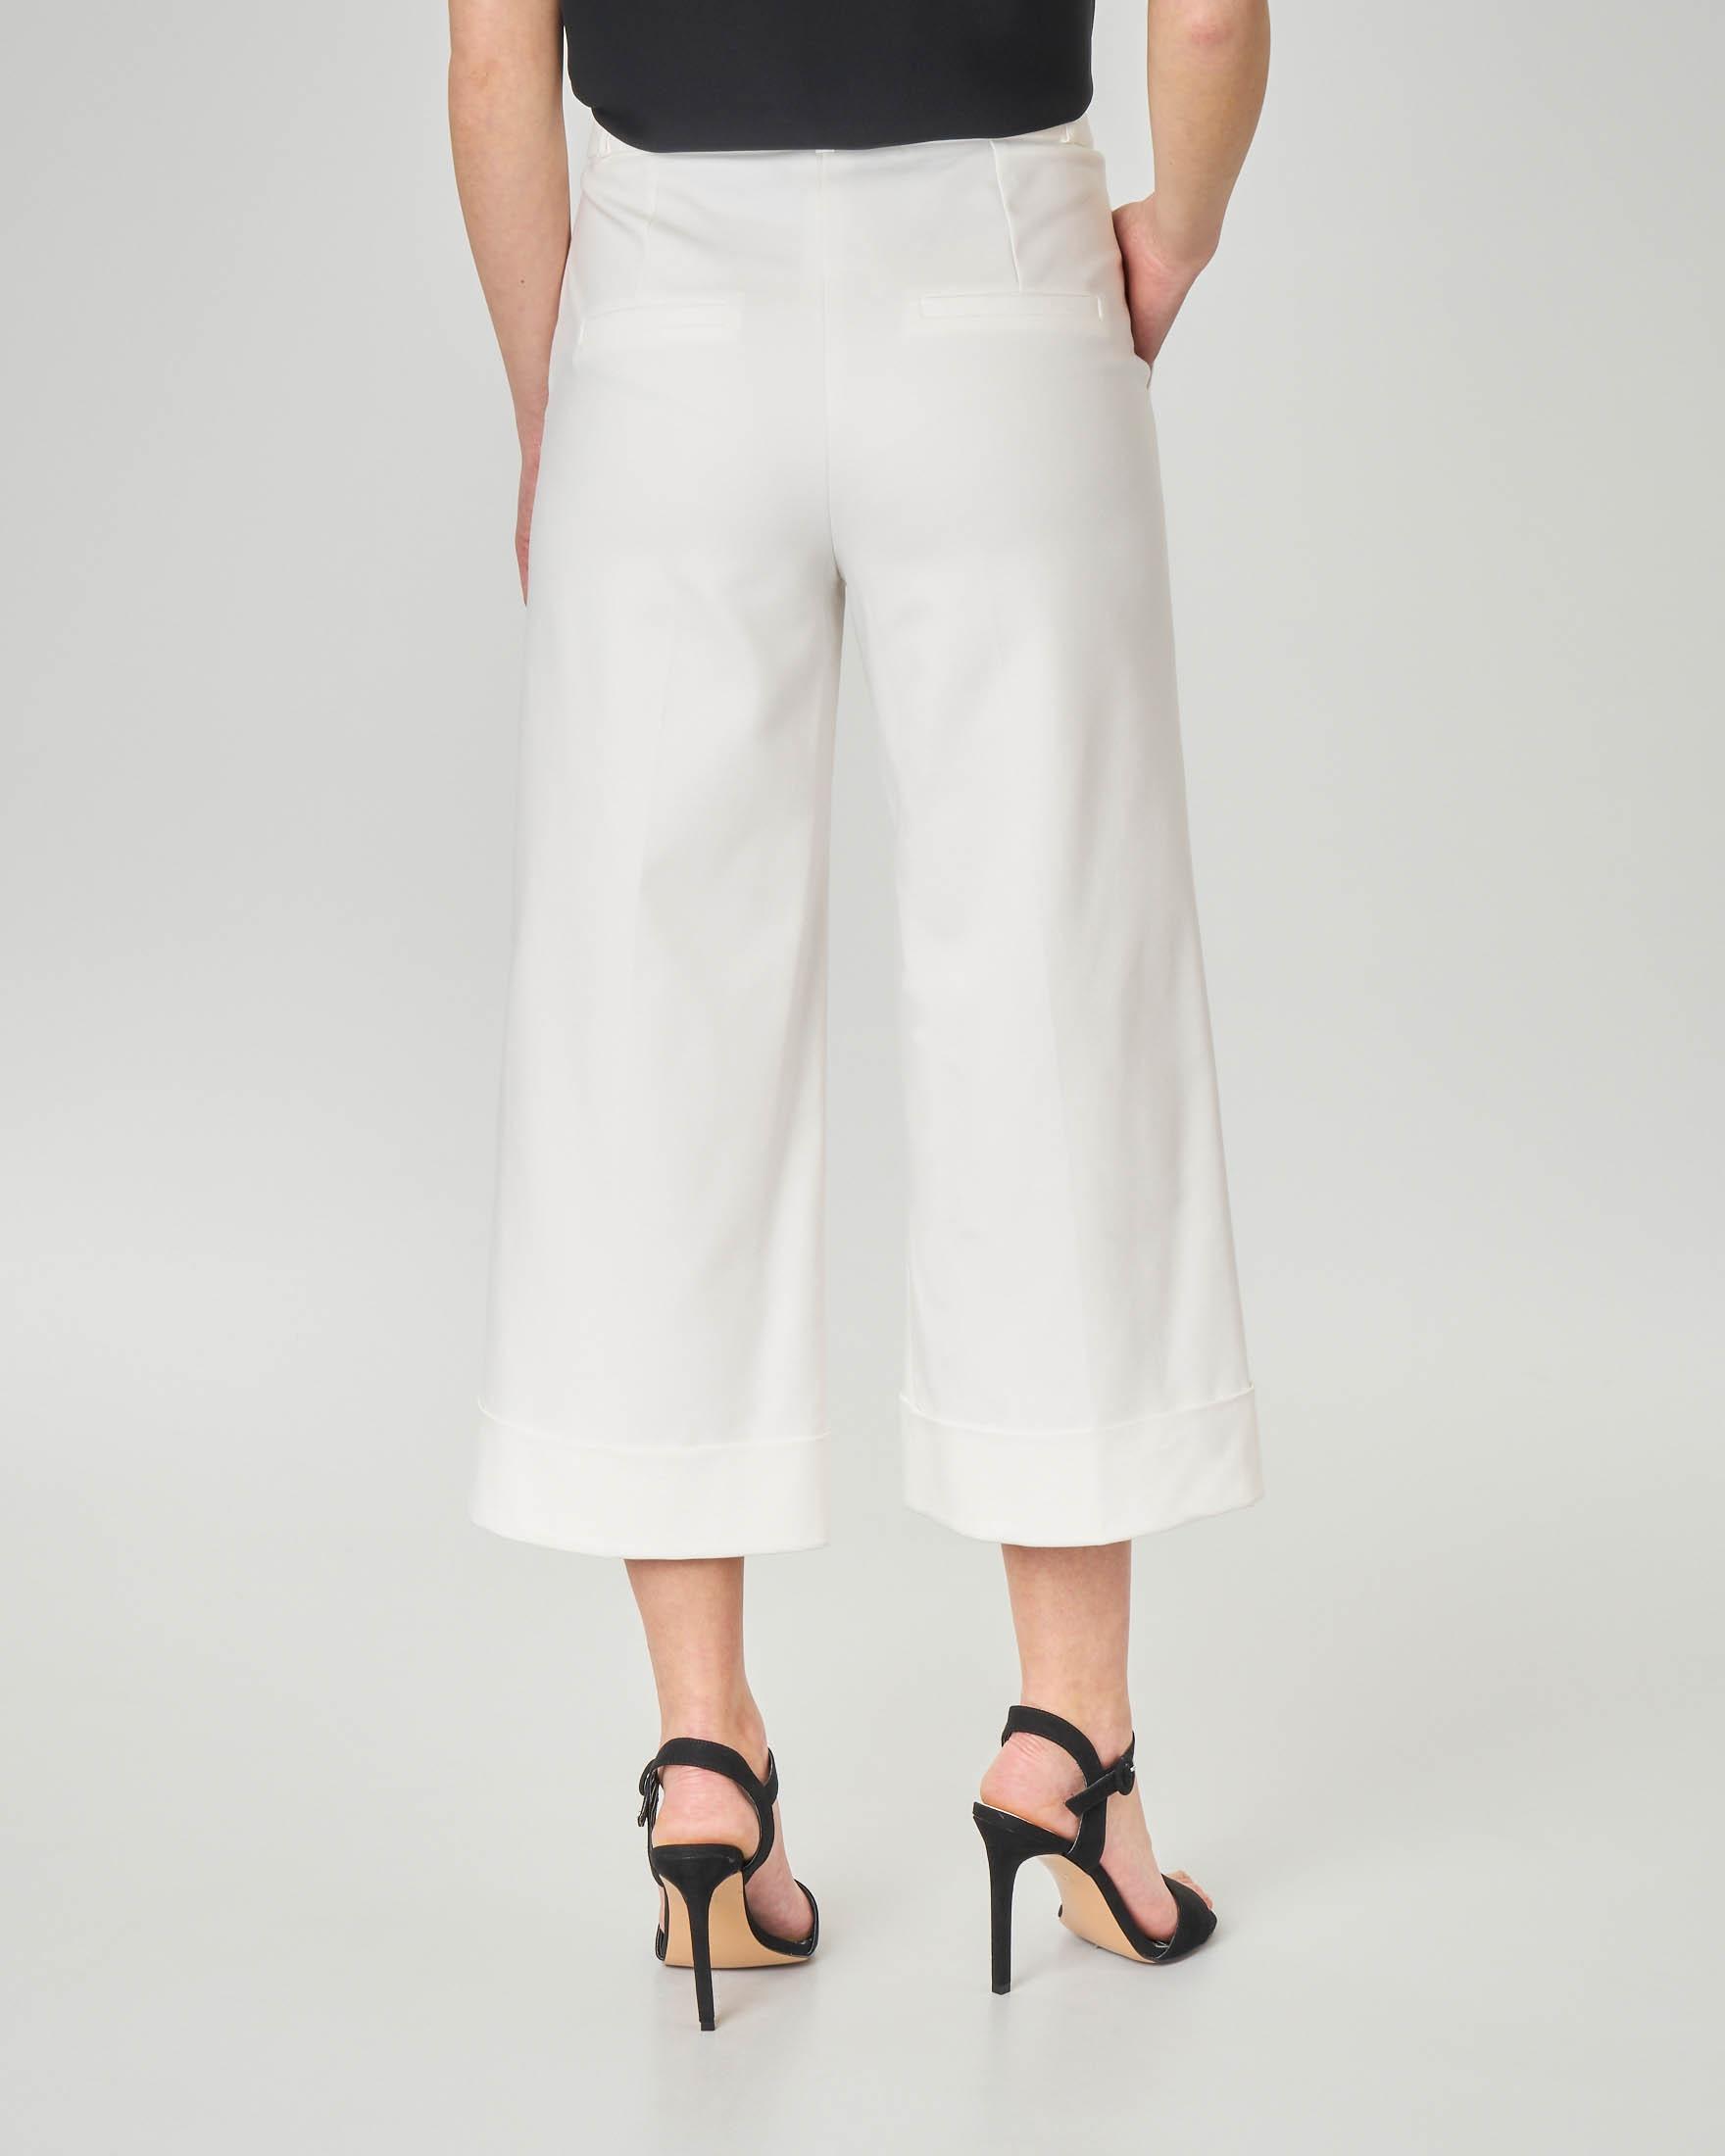 Pantaloni culotte bianchi in misto cotone con piega a vista